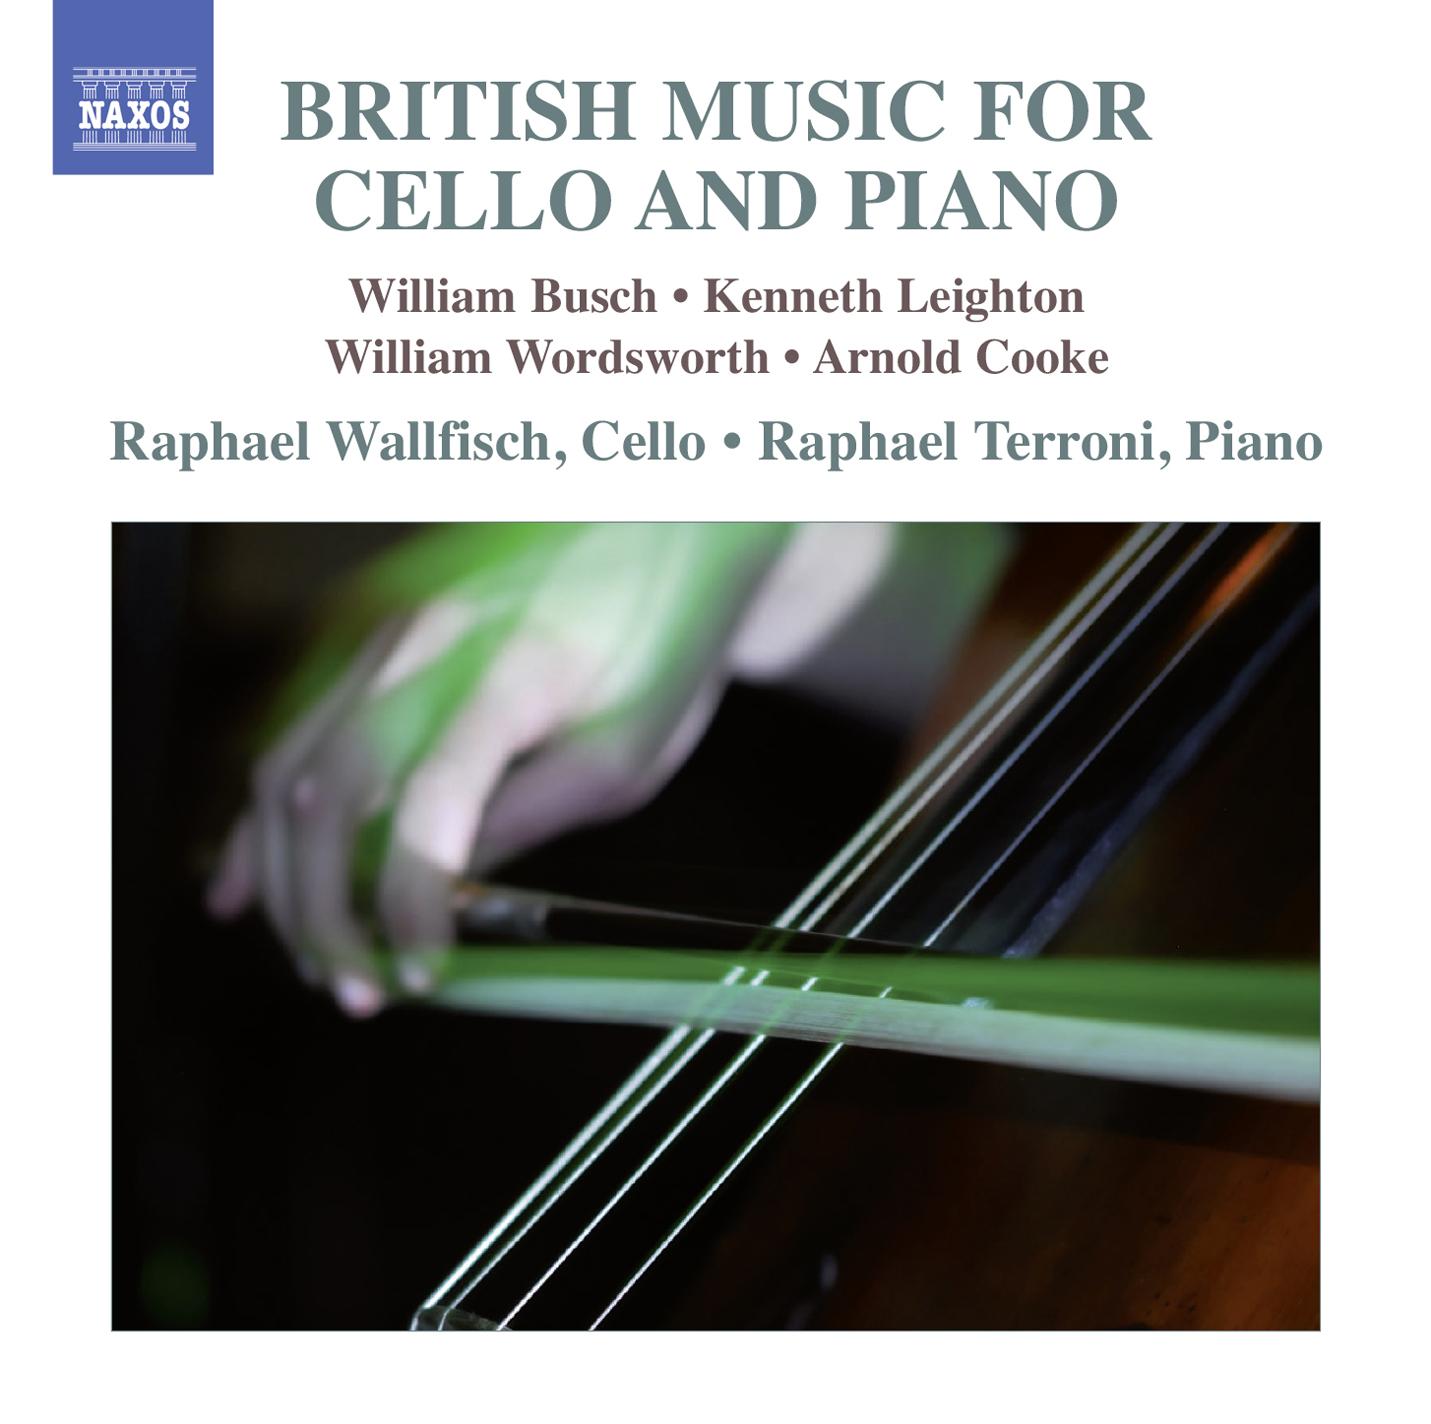 British Music for Cello & Piano